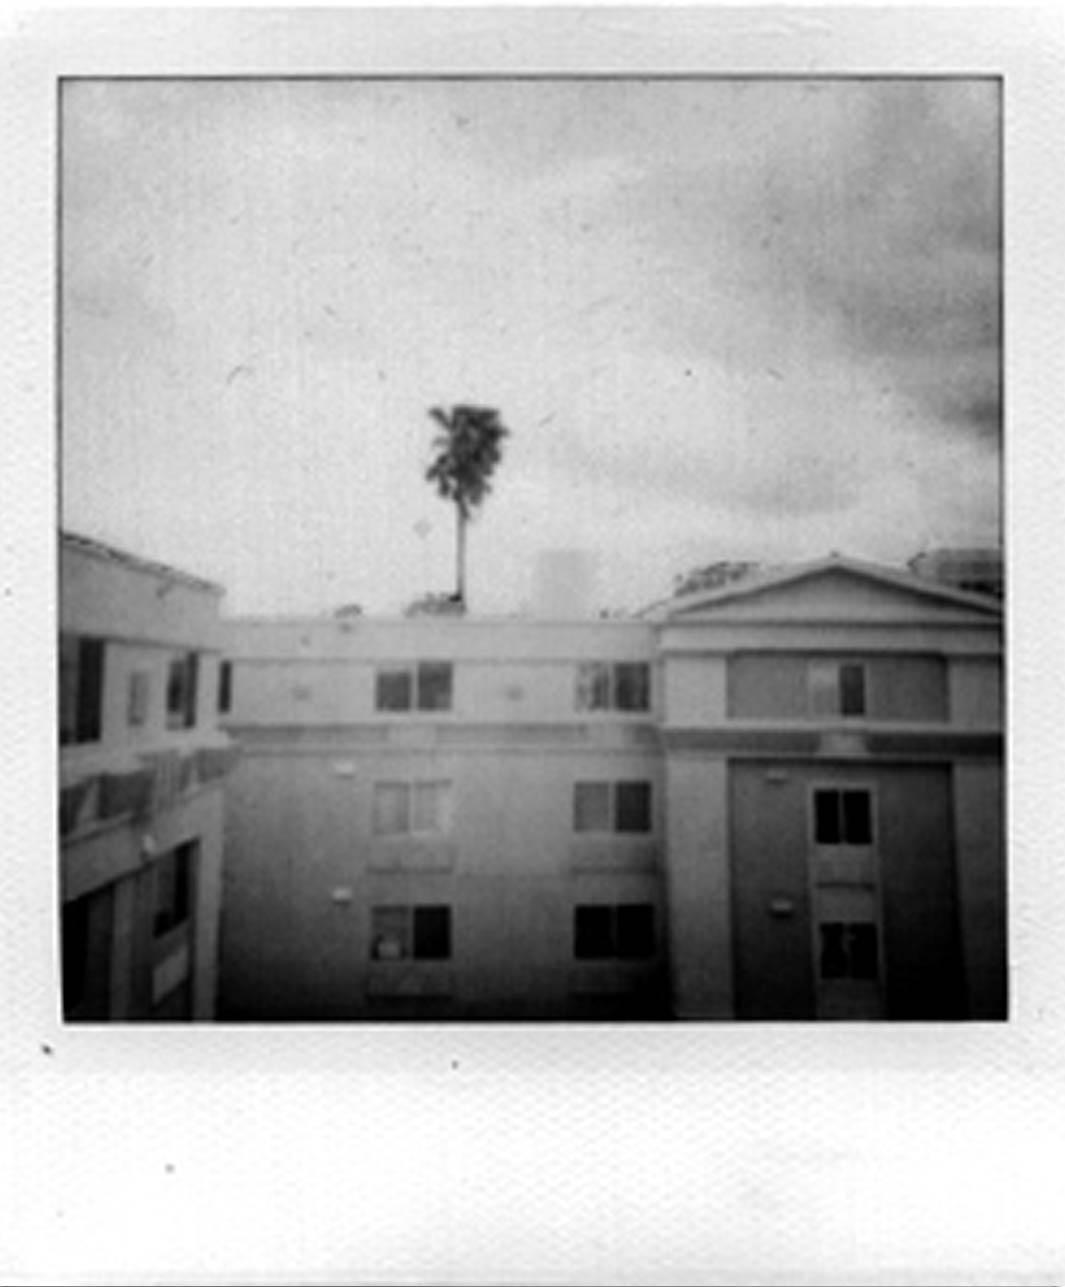 palmtree by zenmasterjack